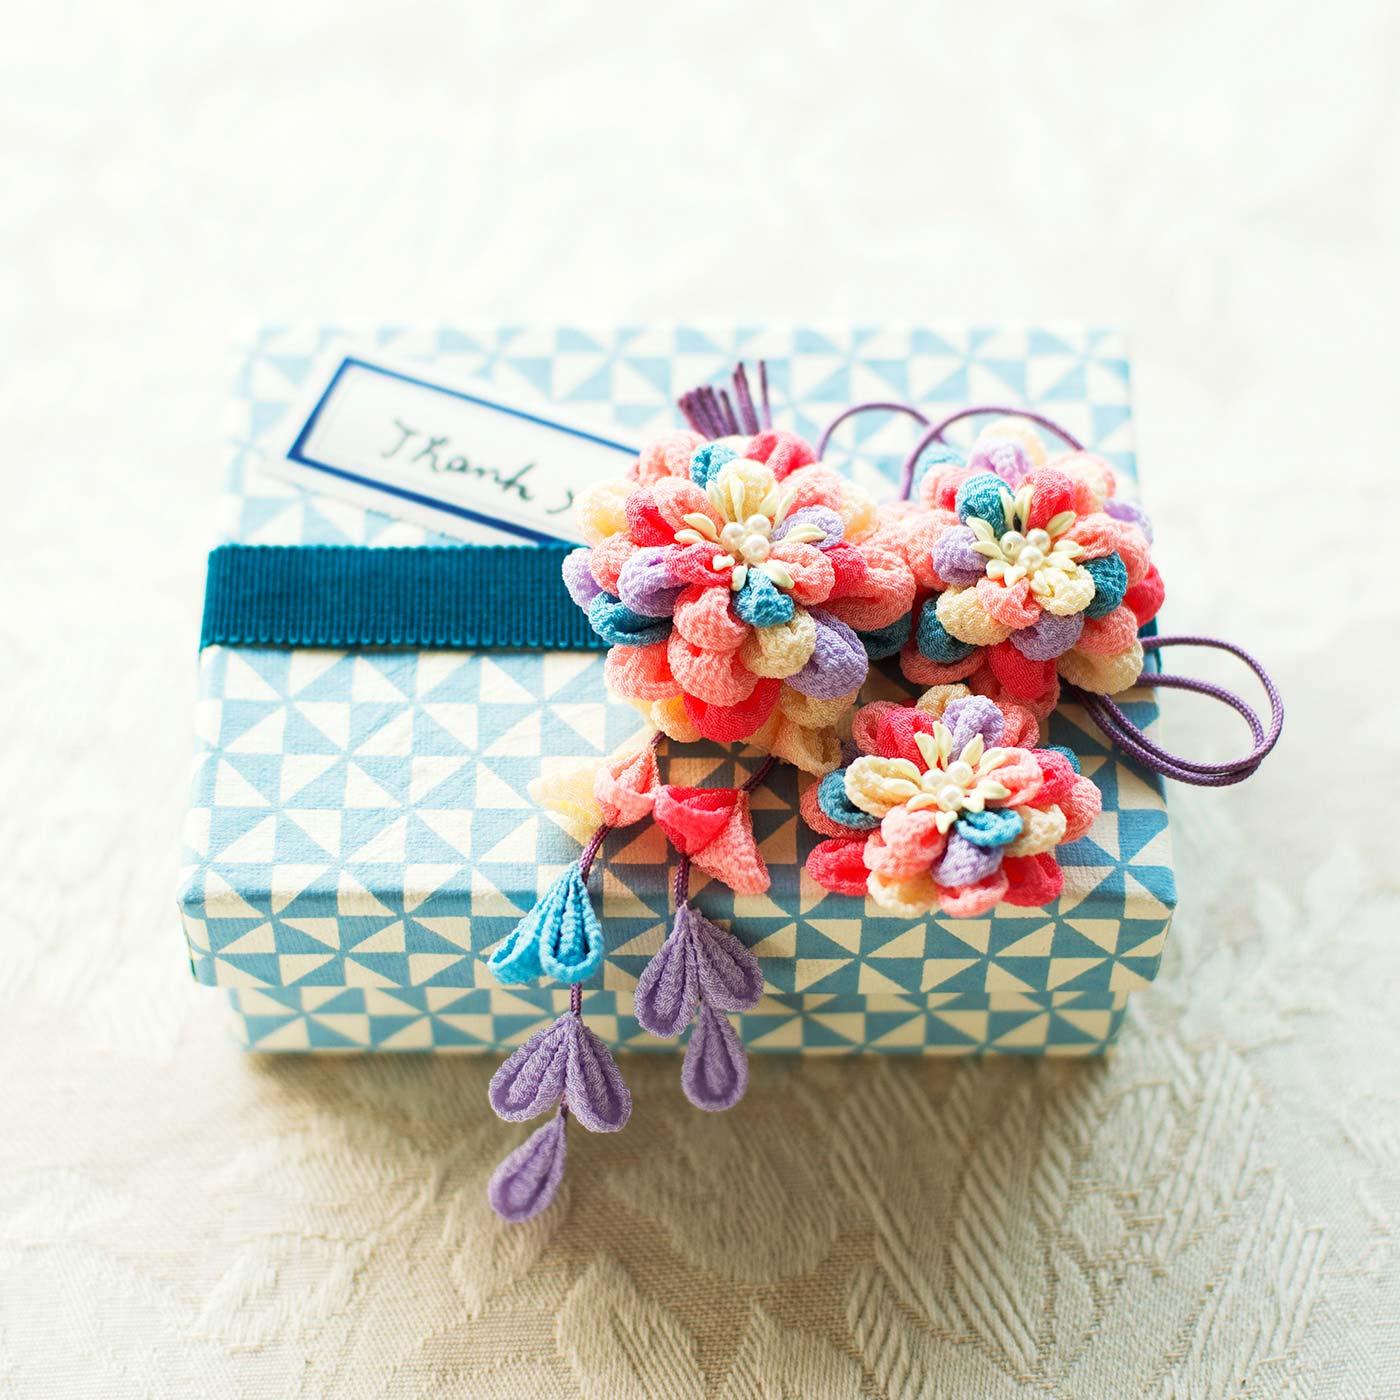 水引きのようにパッケージにあしらっても素敵。贈りものを飾る彩りとしても喜ばれそう。